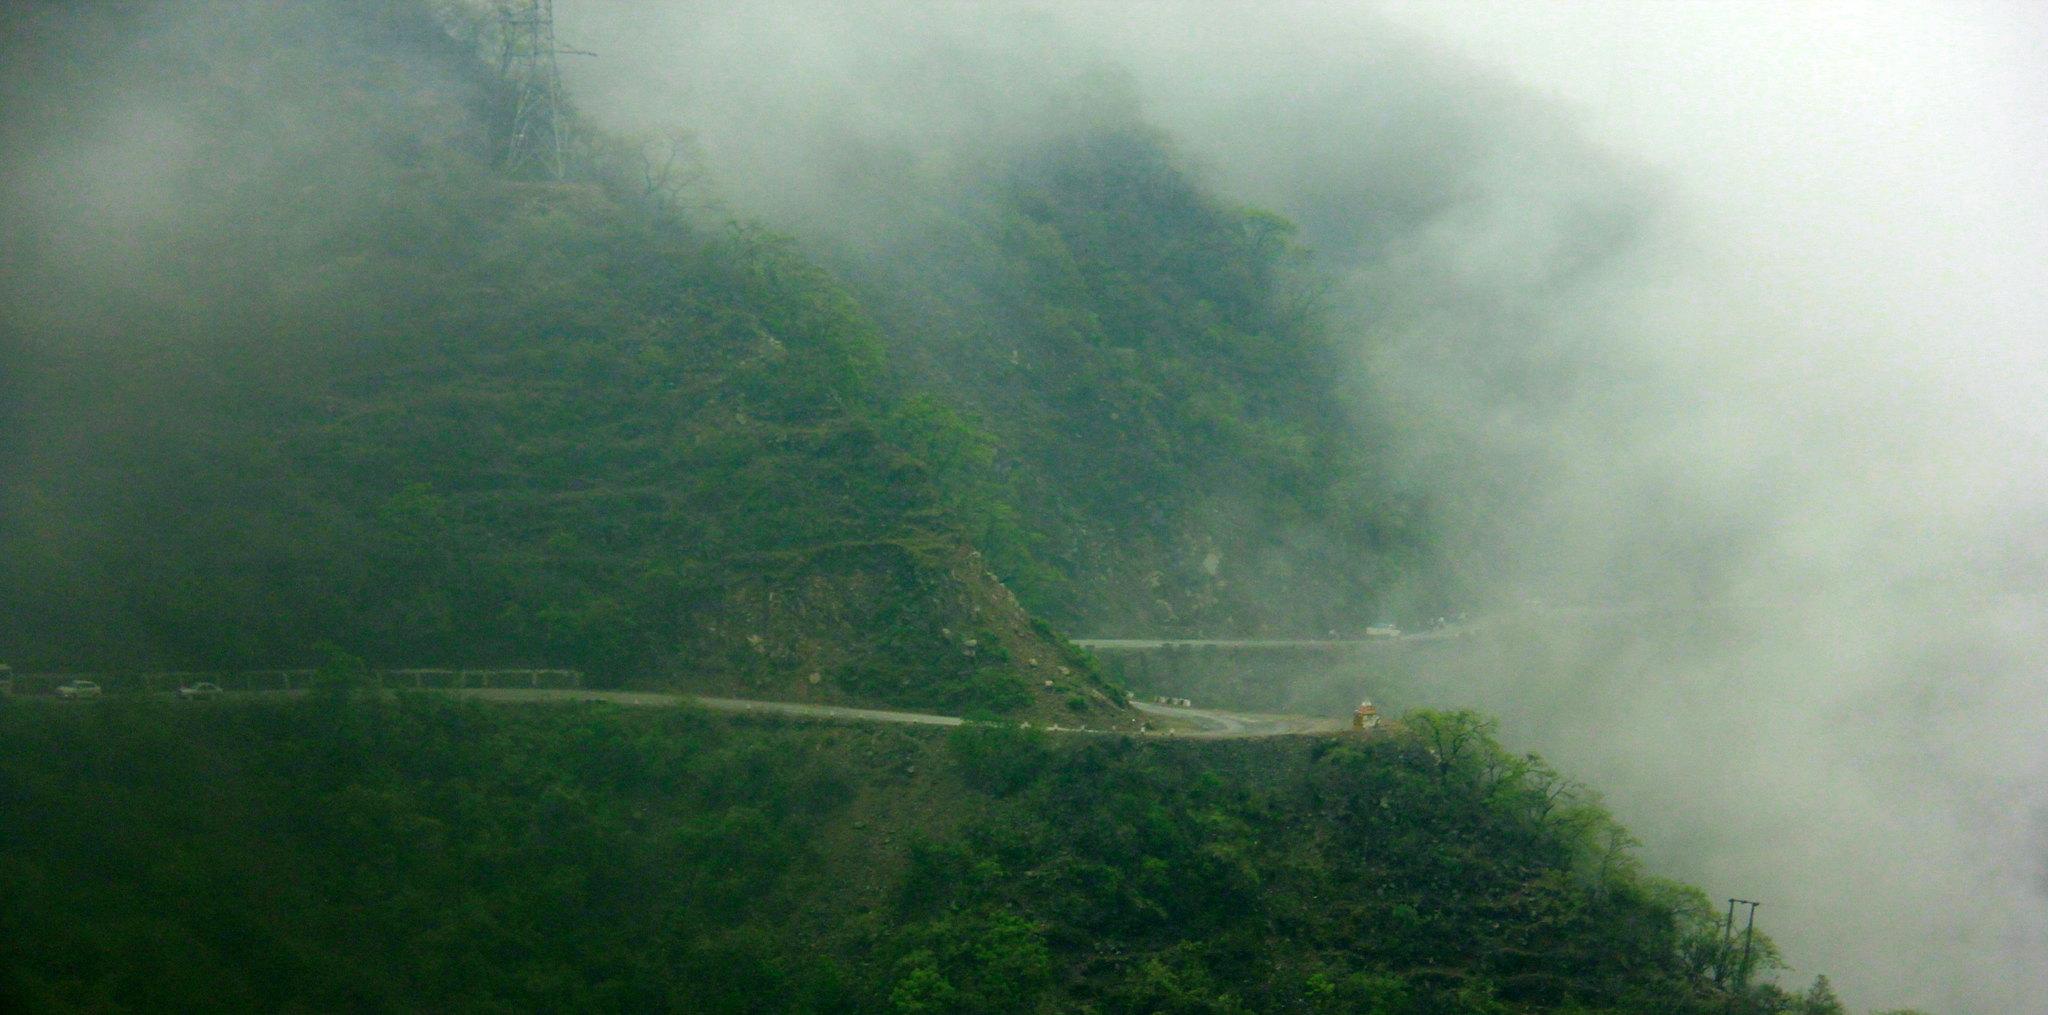 Winding mountains roads leading past uttarakhand prayags